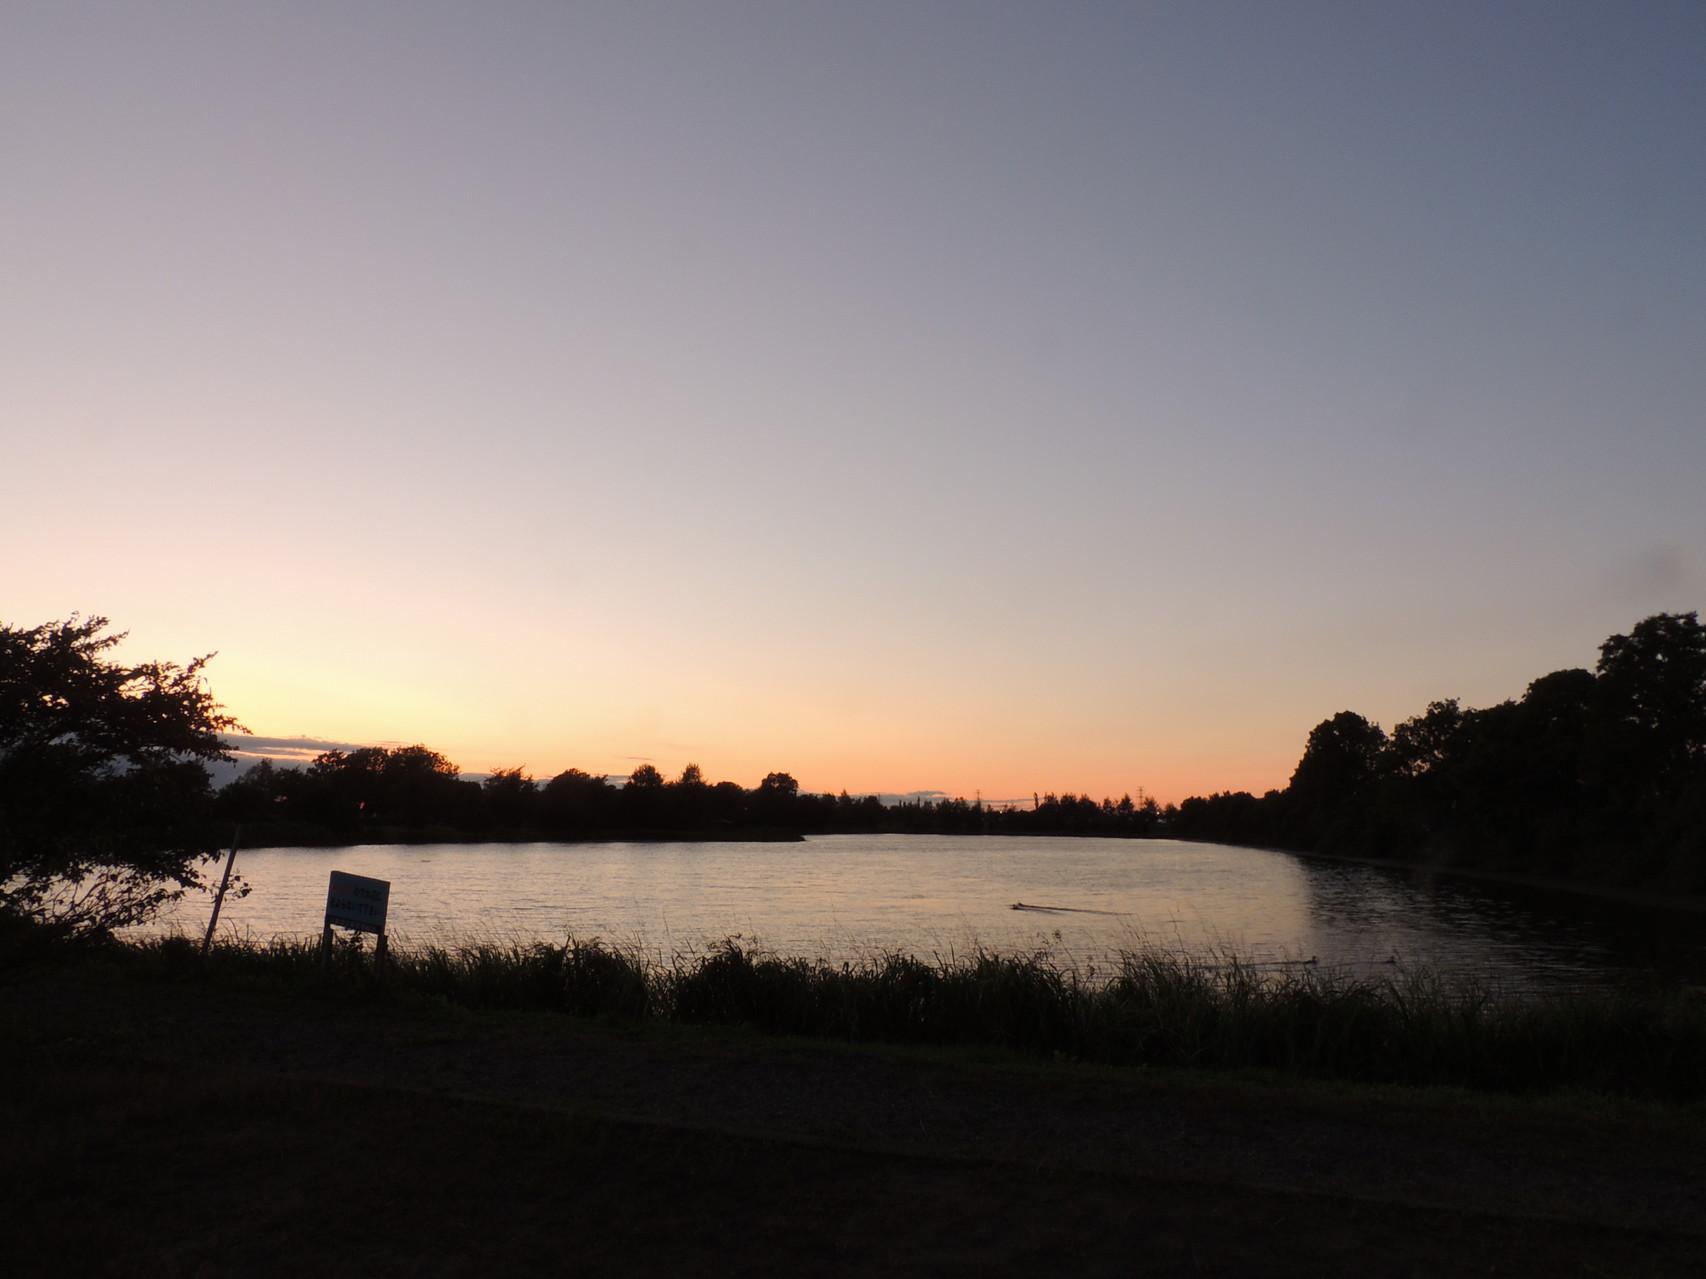 2014.08.26 日も短くなり、三重湖の夕焼けを撮影することが難しくなりました